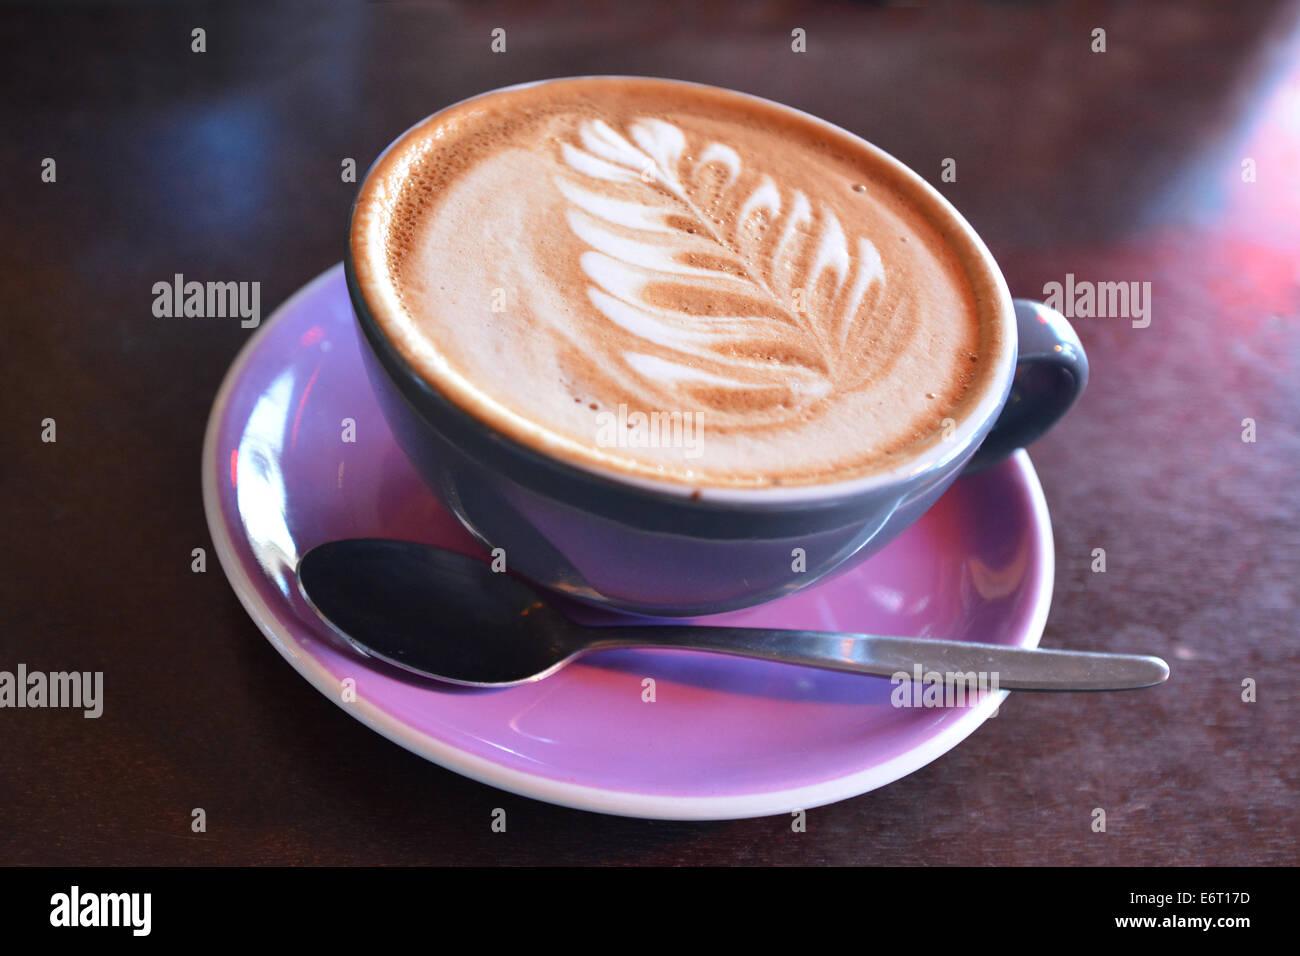 Café blanc plat décoré de l'emblème de la Nouvelle-Zélande le Silver Fern sur elle. Photo Stock